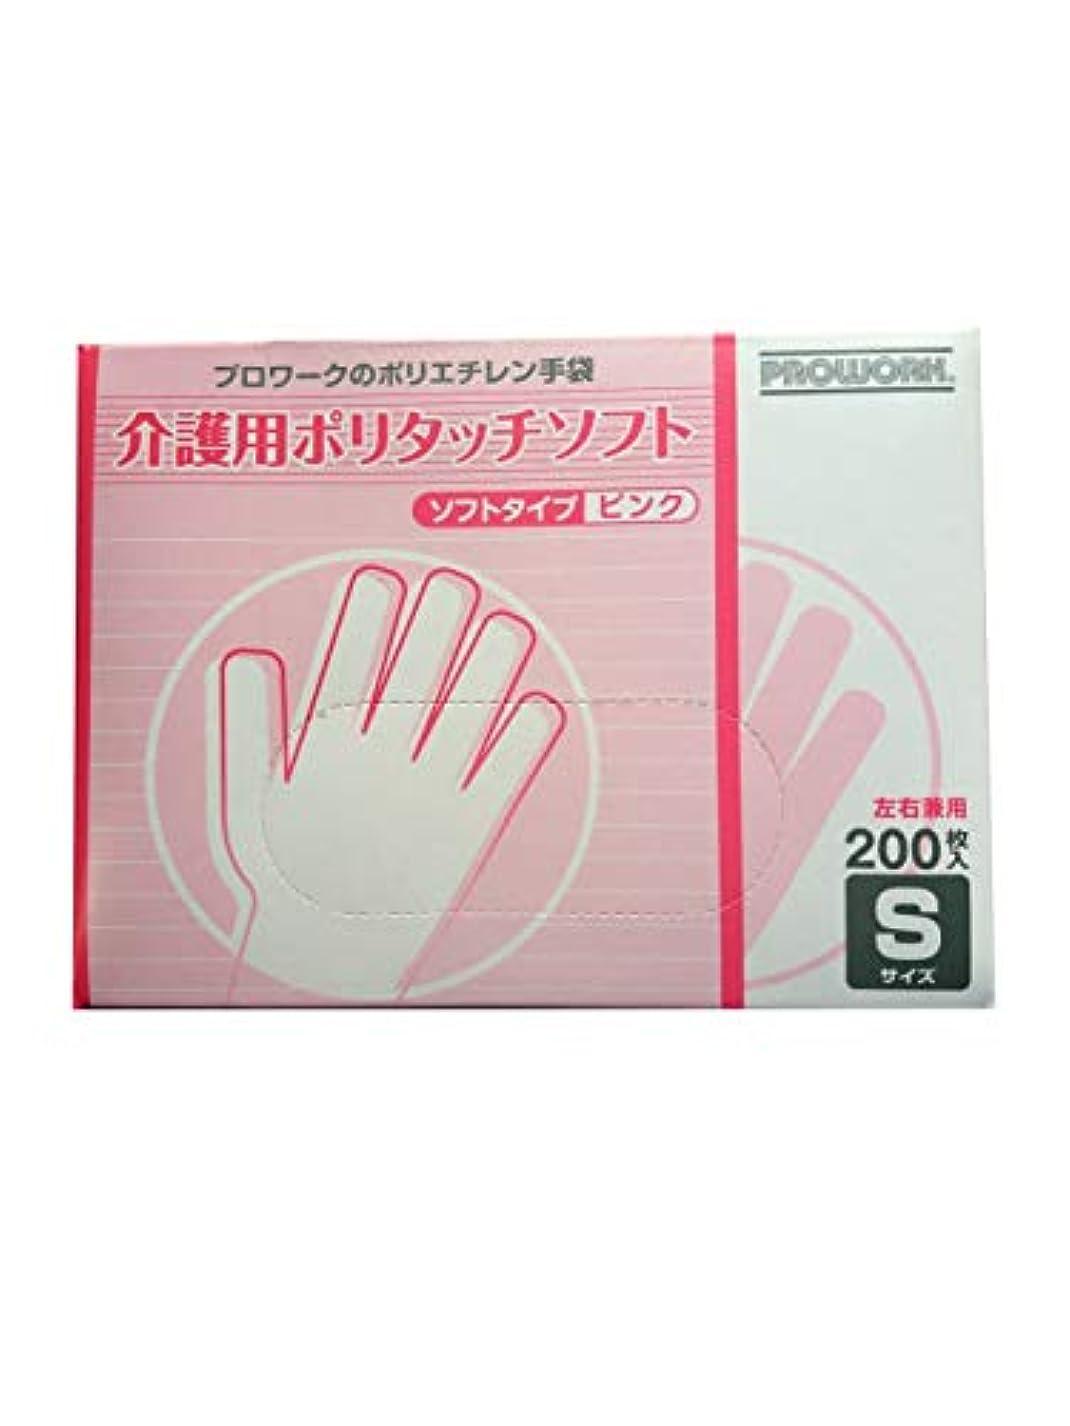 しょっぱい謝罪するブランデー介護用ポリタッチソフト手袋 ピンク Sサイズ 左右兼用200枚入